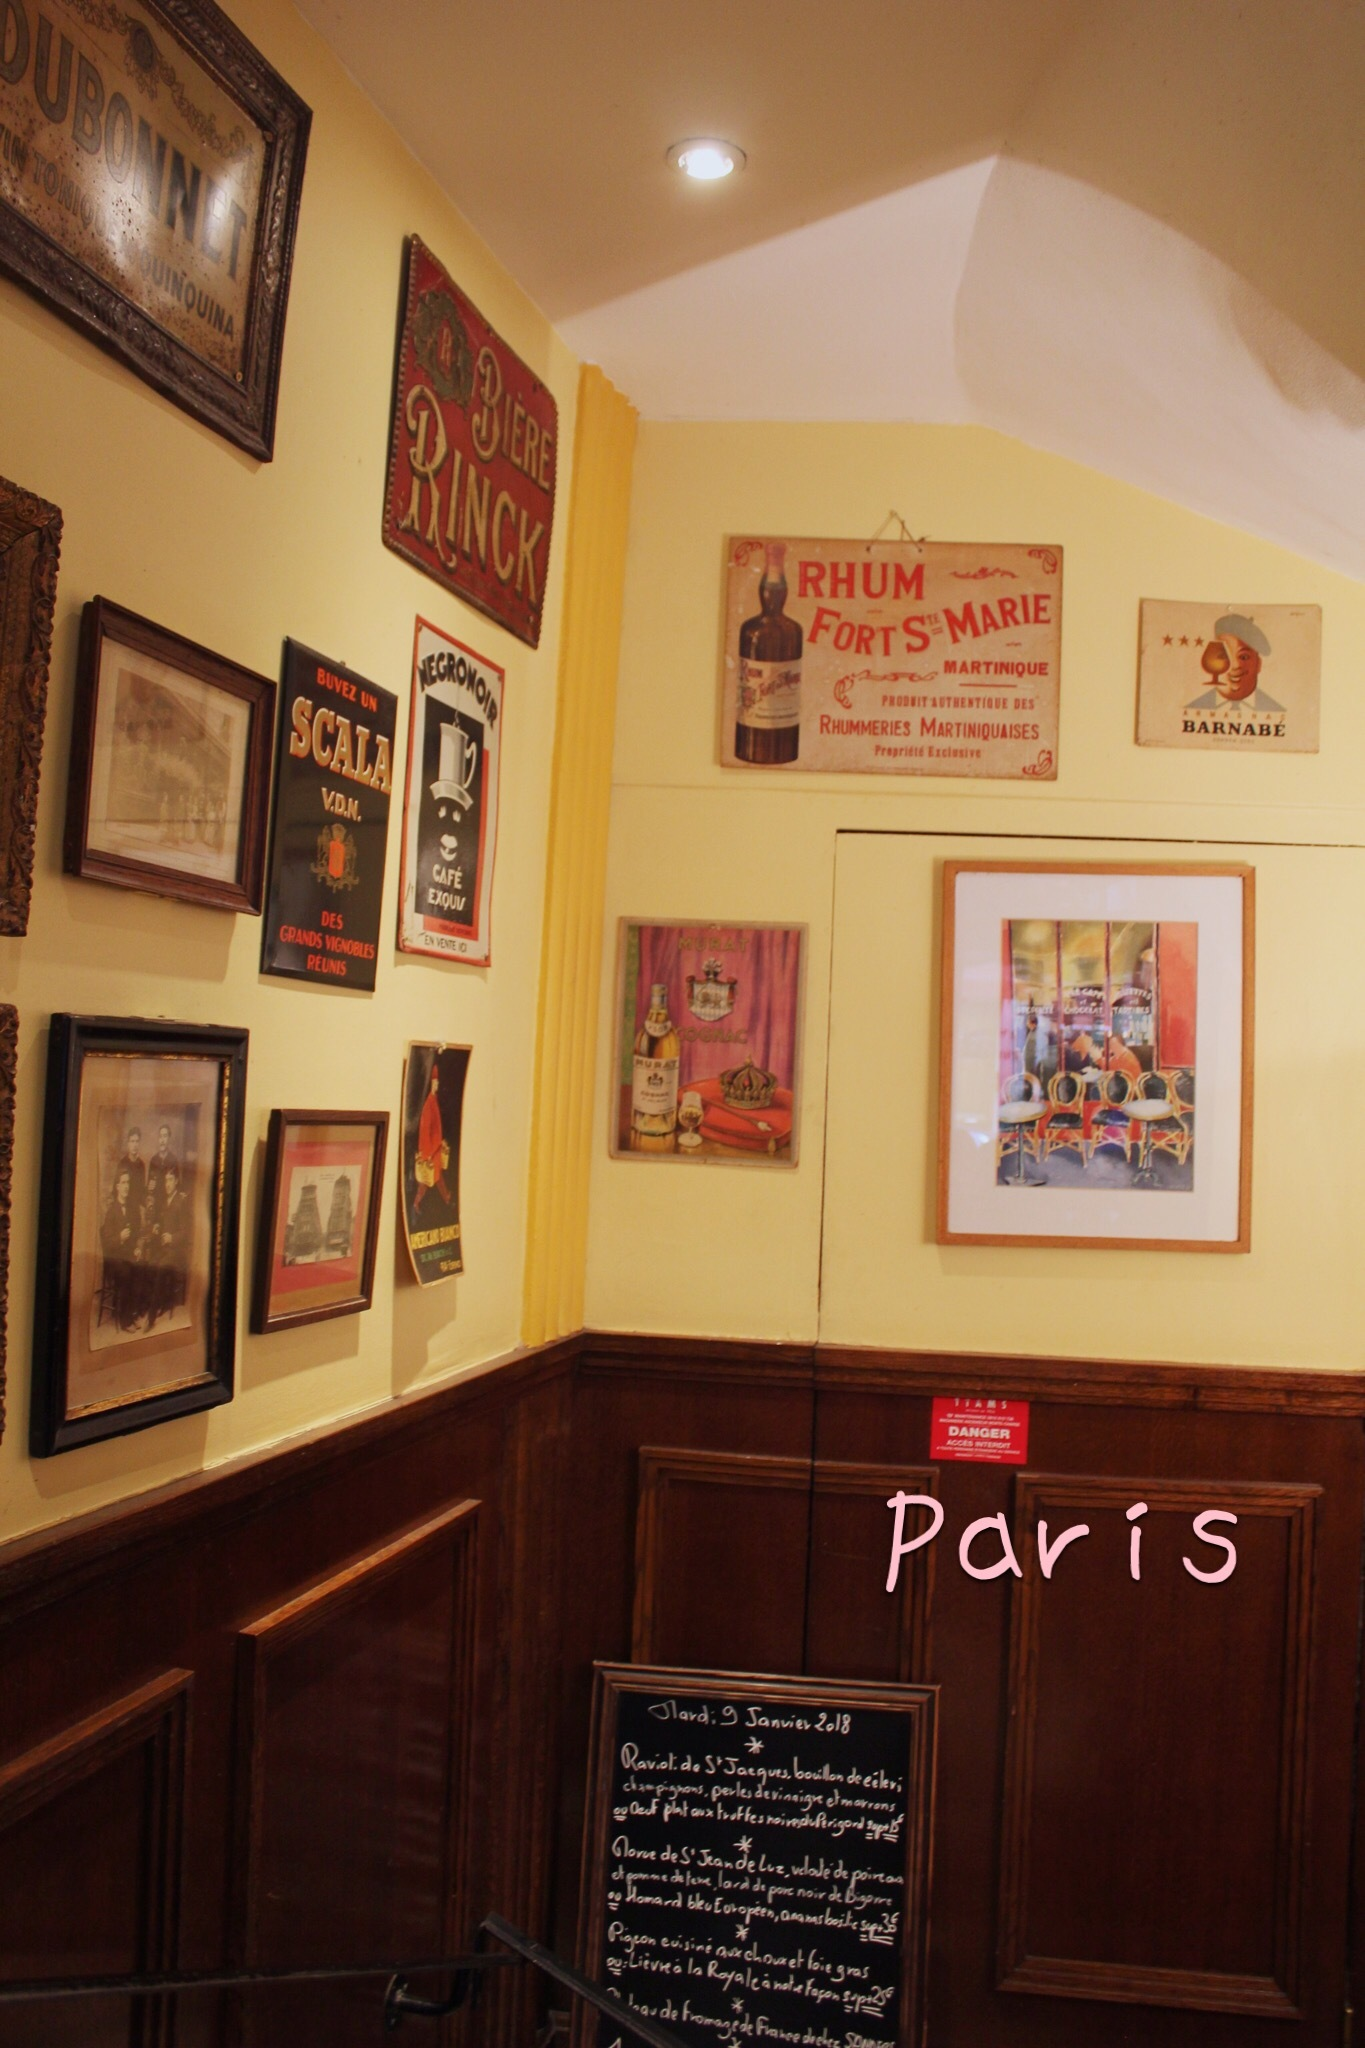 パリの旅日記!サンジェルマン・デプレ*⃝̣◌︎⑅⃝︎◍︎♡︎◌︎*⃝̥◍︎♡︎_a0213806_16584744.jpeg